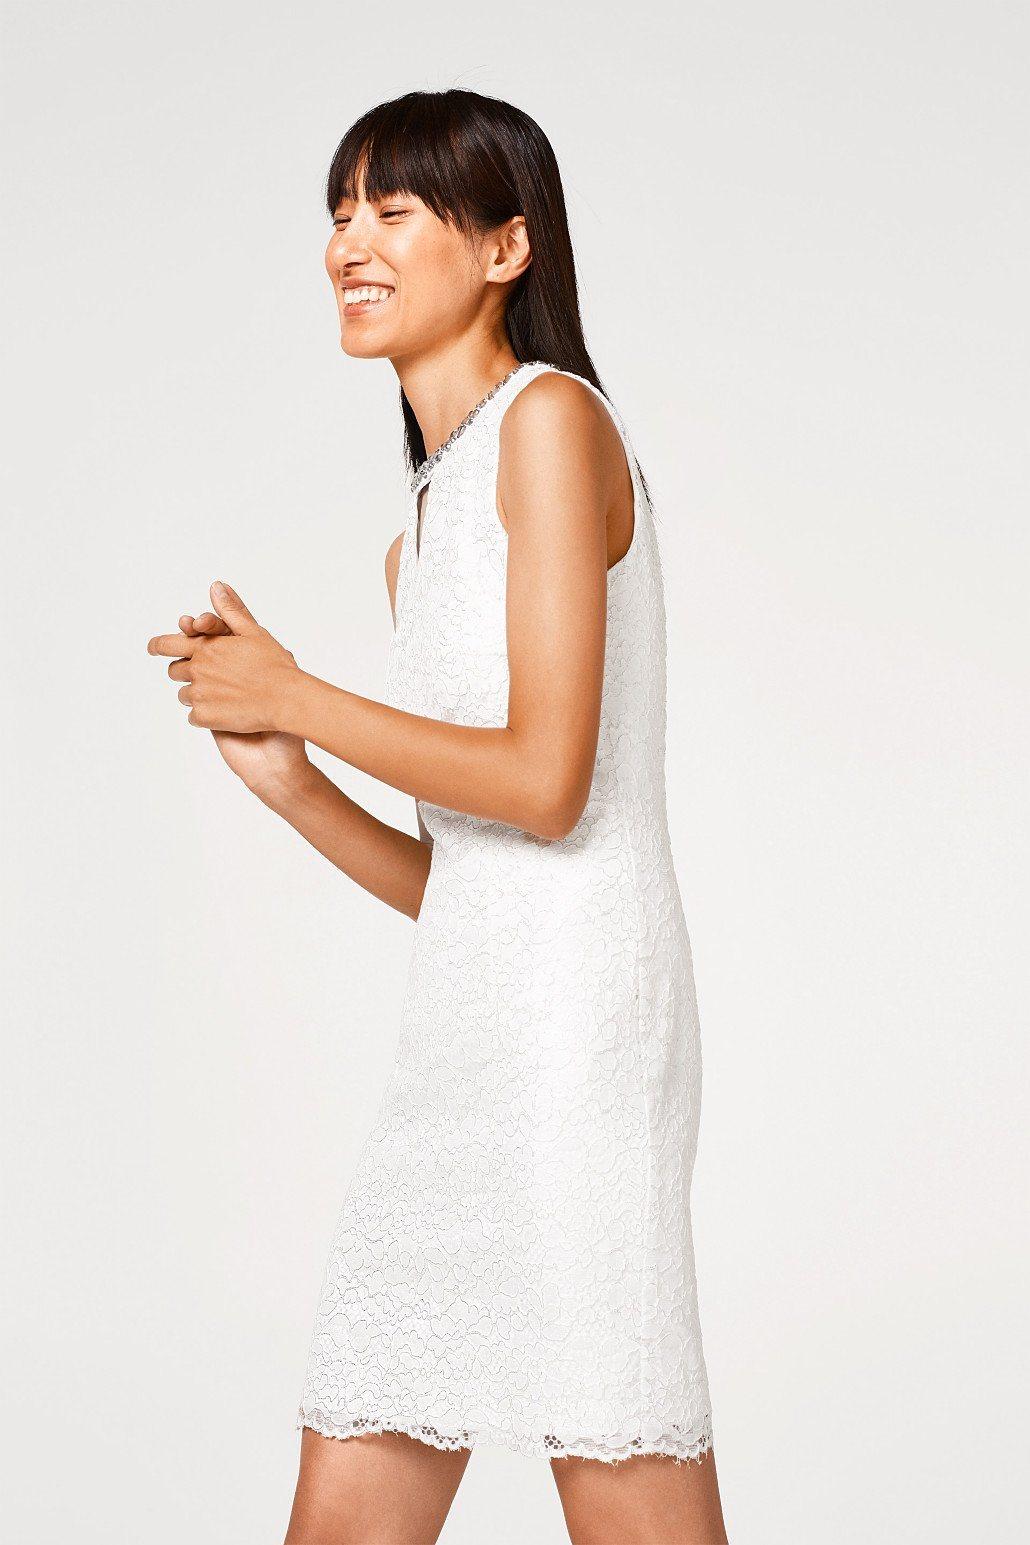 Brautkleider für Damen online kaufen | Damenmode-Suchmaschine ...